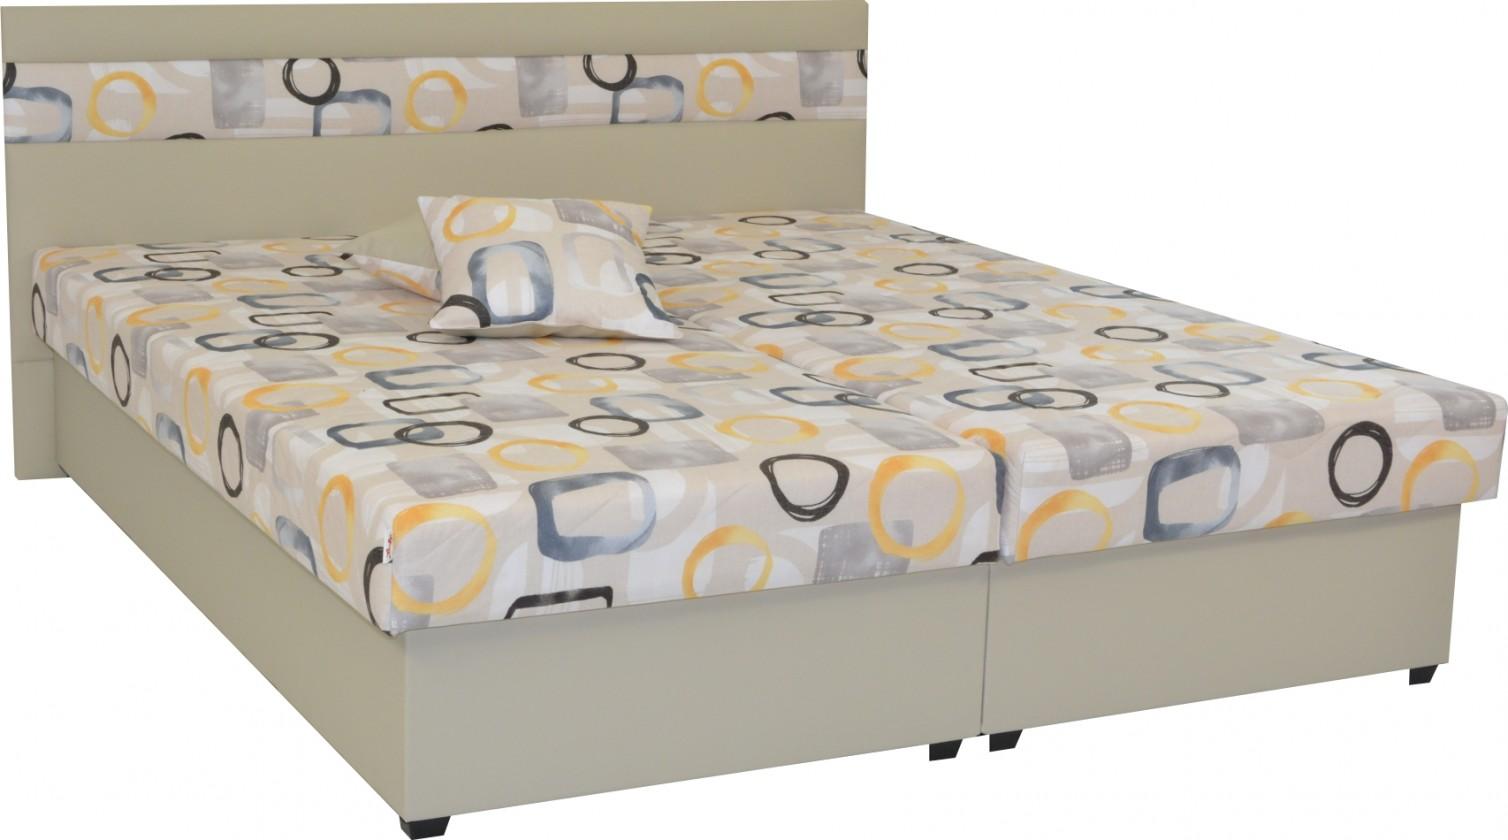 Čalúnená posteľ Čalúnená posteľ Mexico 160x200, béžová, vrátane úp